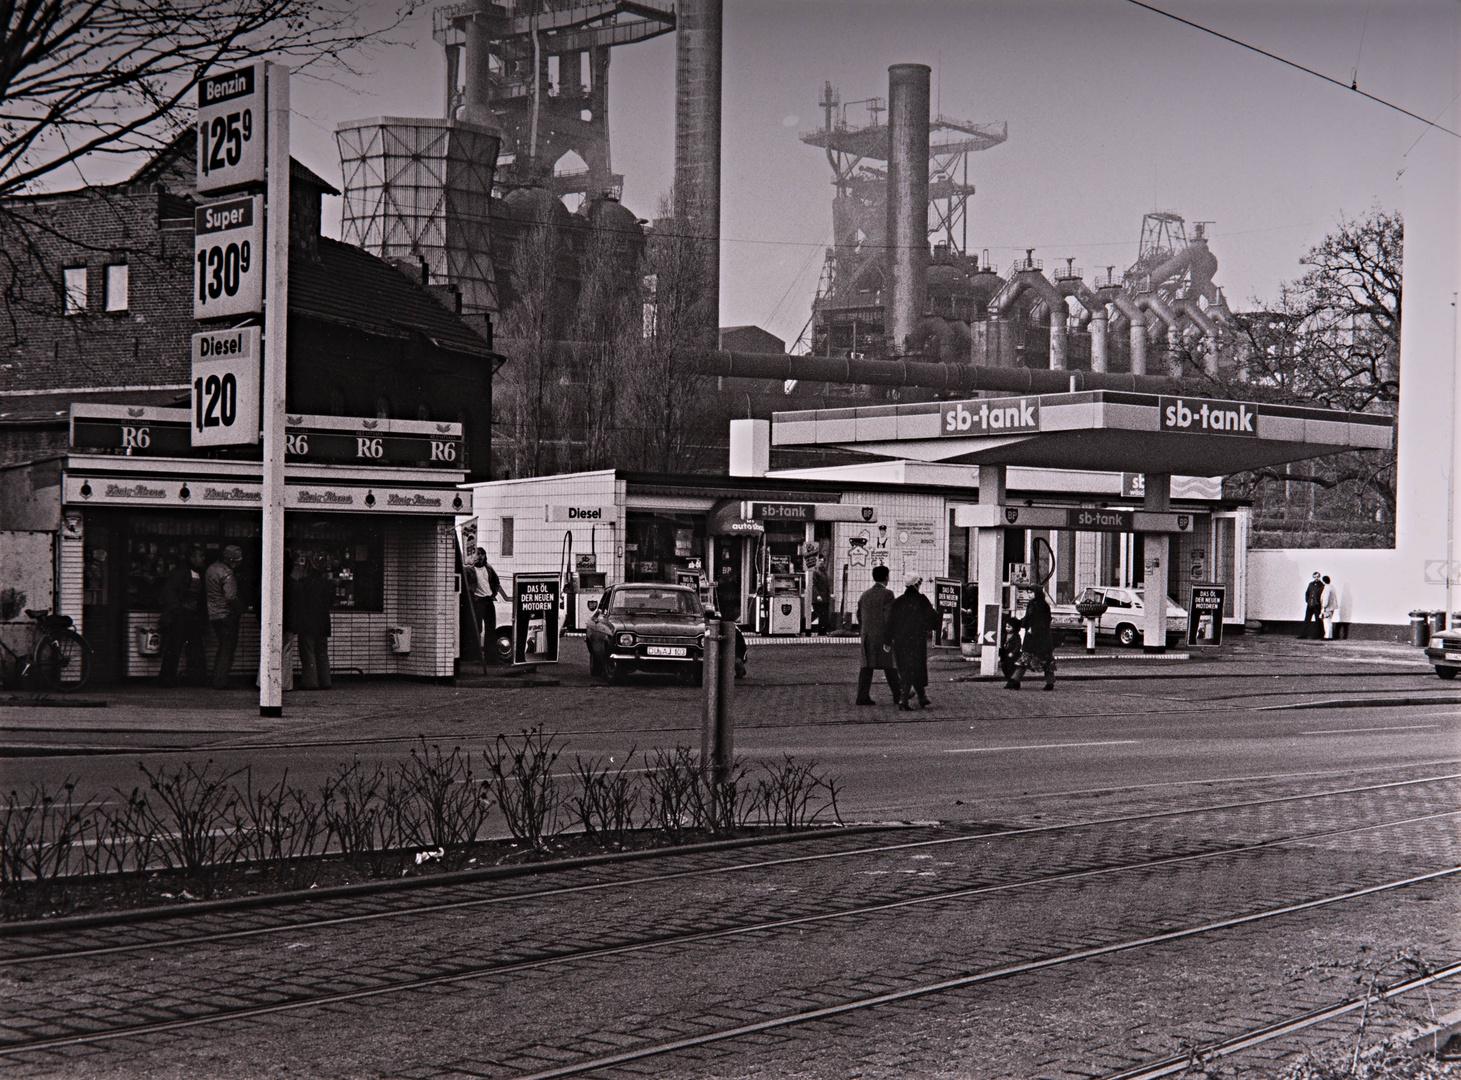 Straßenszene Duisburg Bruckhausen 1981, reloaded